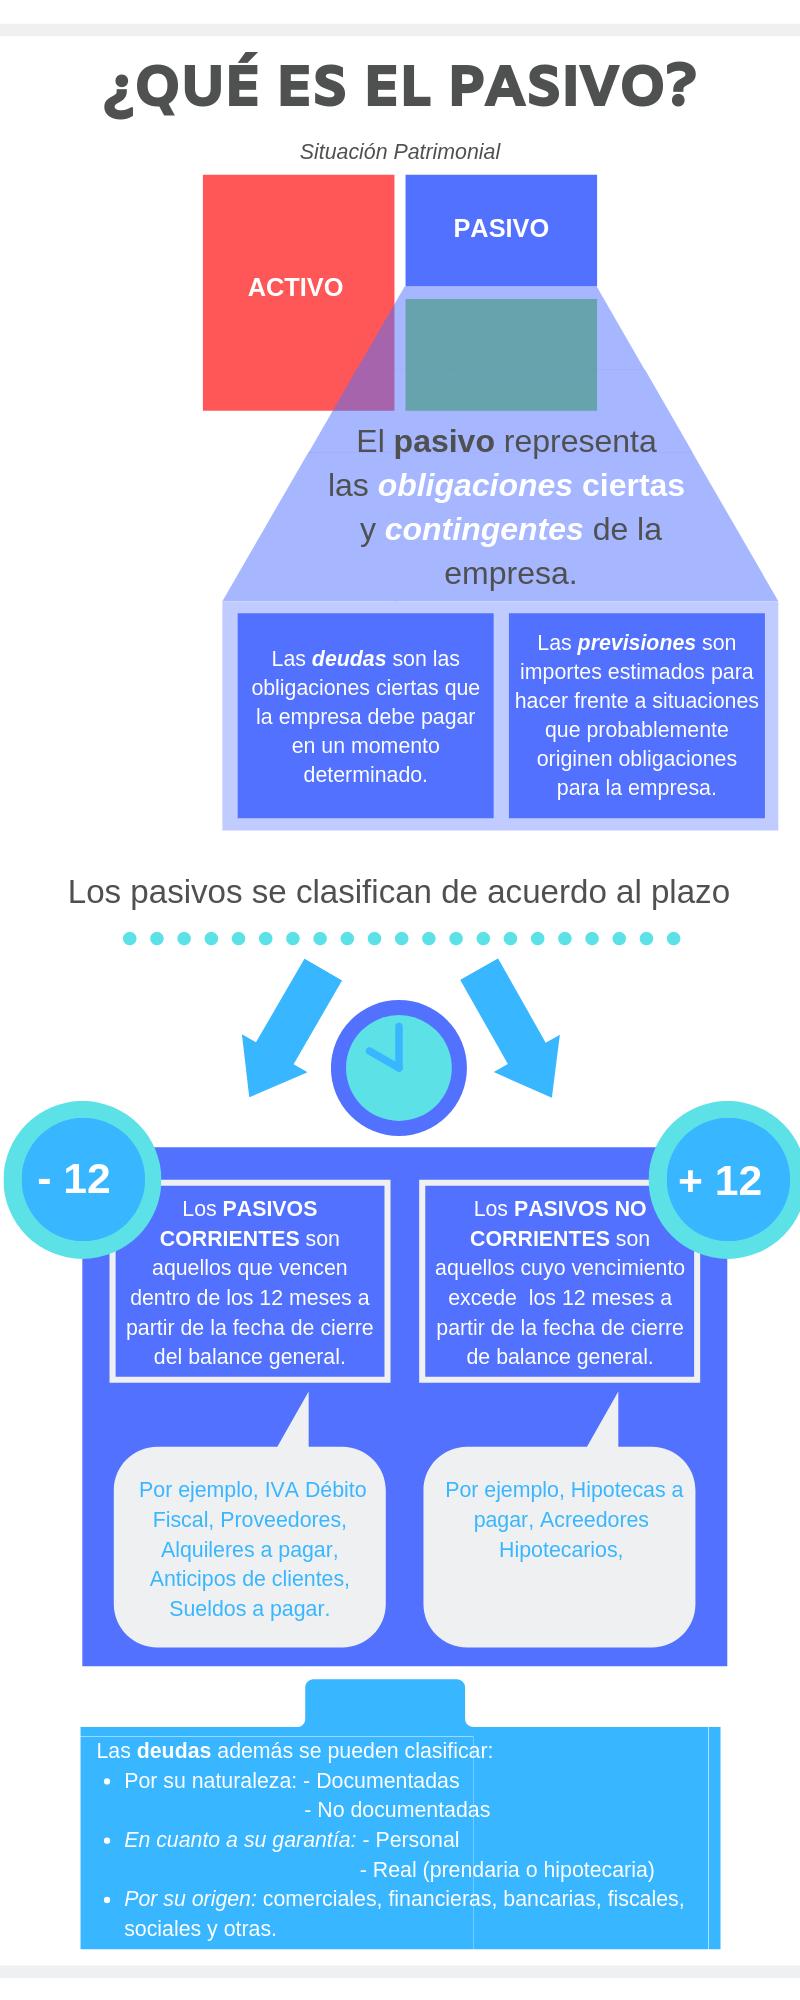 ¿Qué es el pasivo? El pasivo representa las obligaciones ciertas y contingencias de la empresa. Descripción y clasificación de acuerdo al plazo.